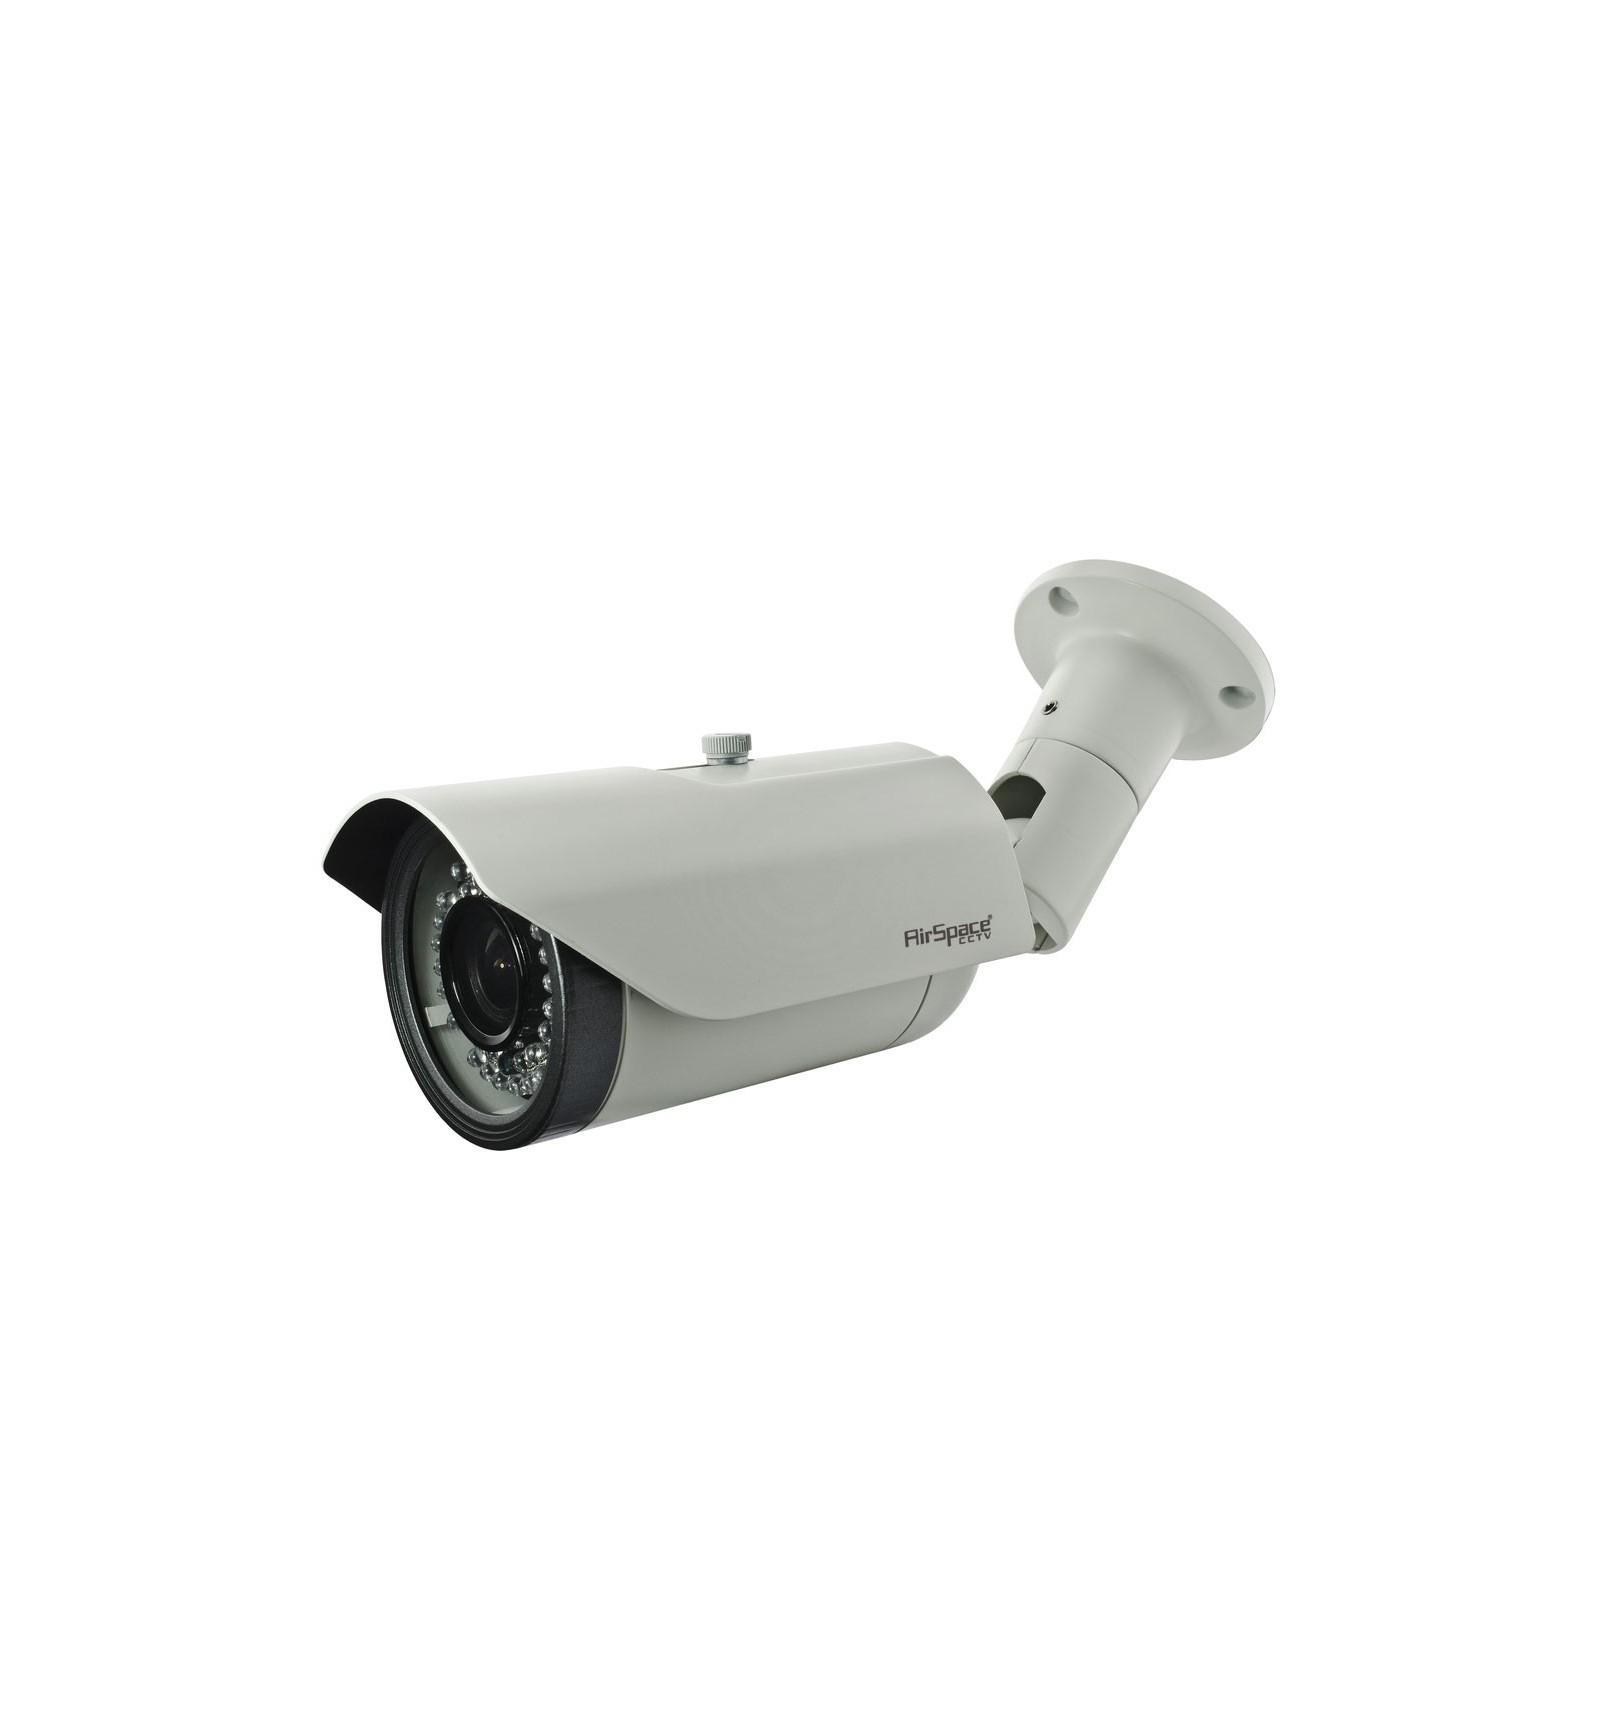 Camaras de vigilancia exterior con lente y zoom manual for Camara vigilancia exterior